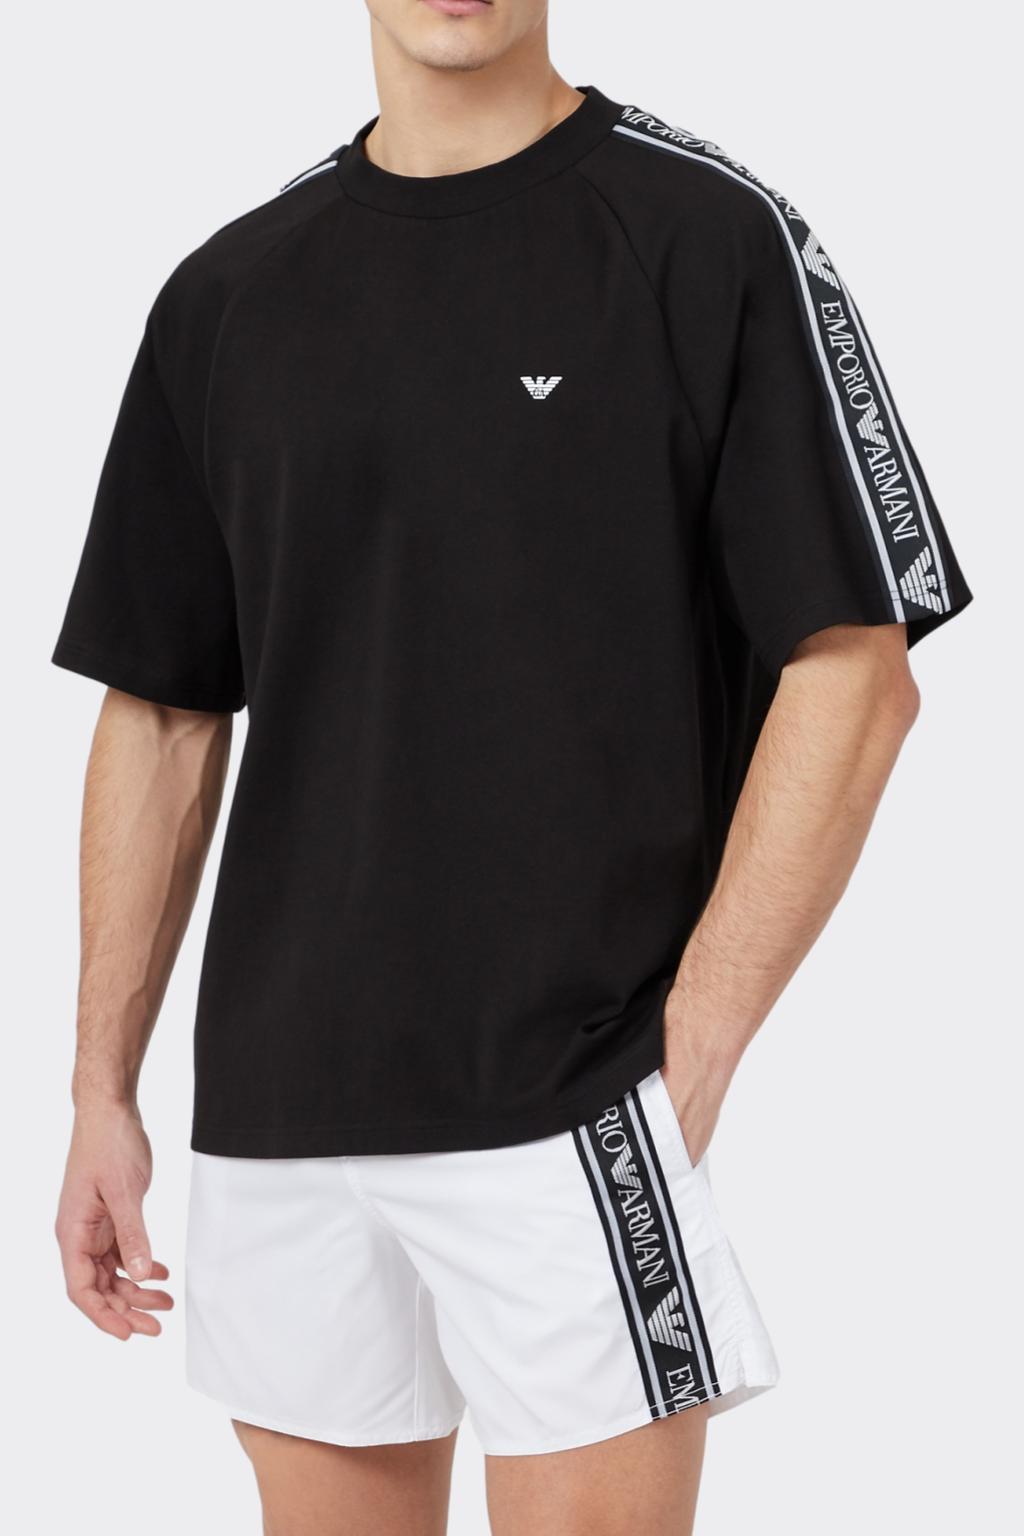 Emporio Armani Underwear Emporio Armani Bold logo pánské tričko- černé Velikost: XL